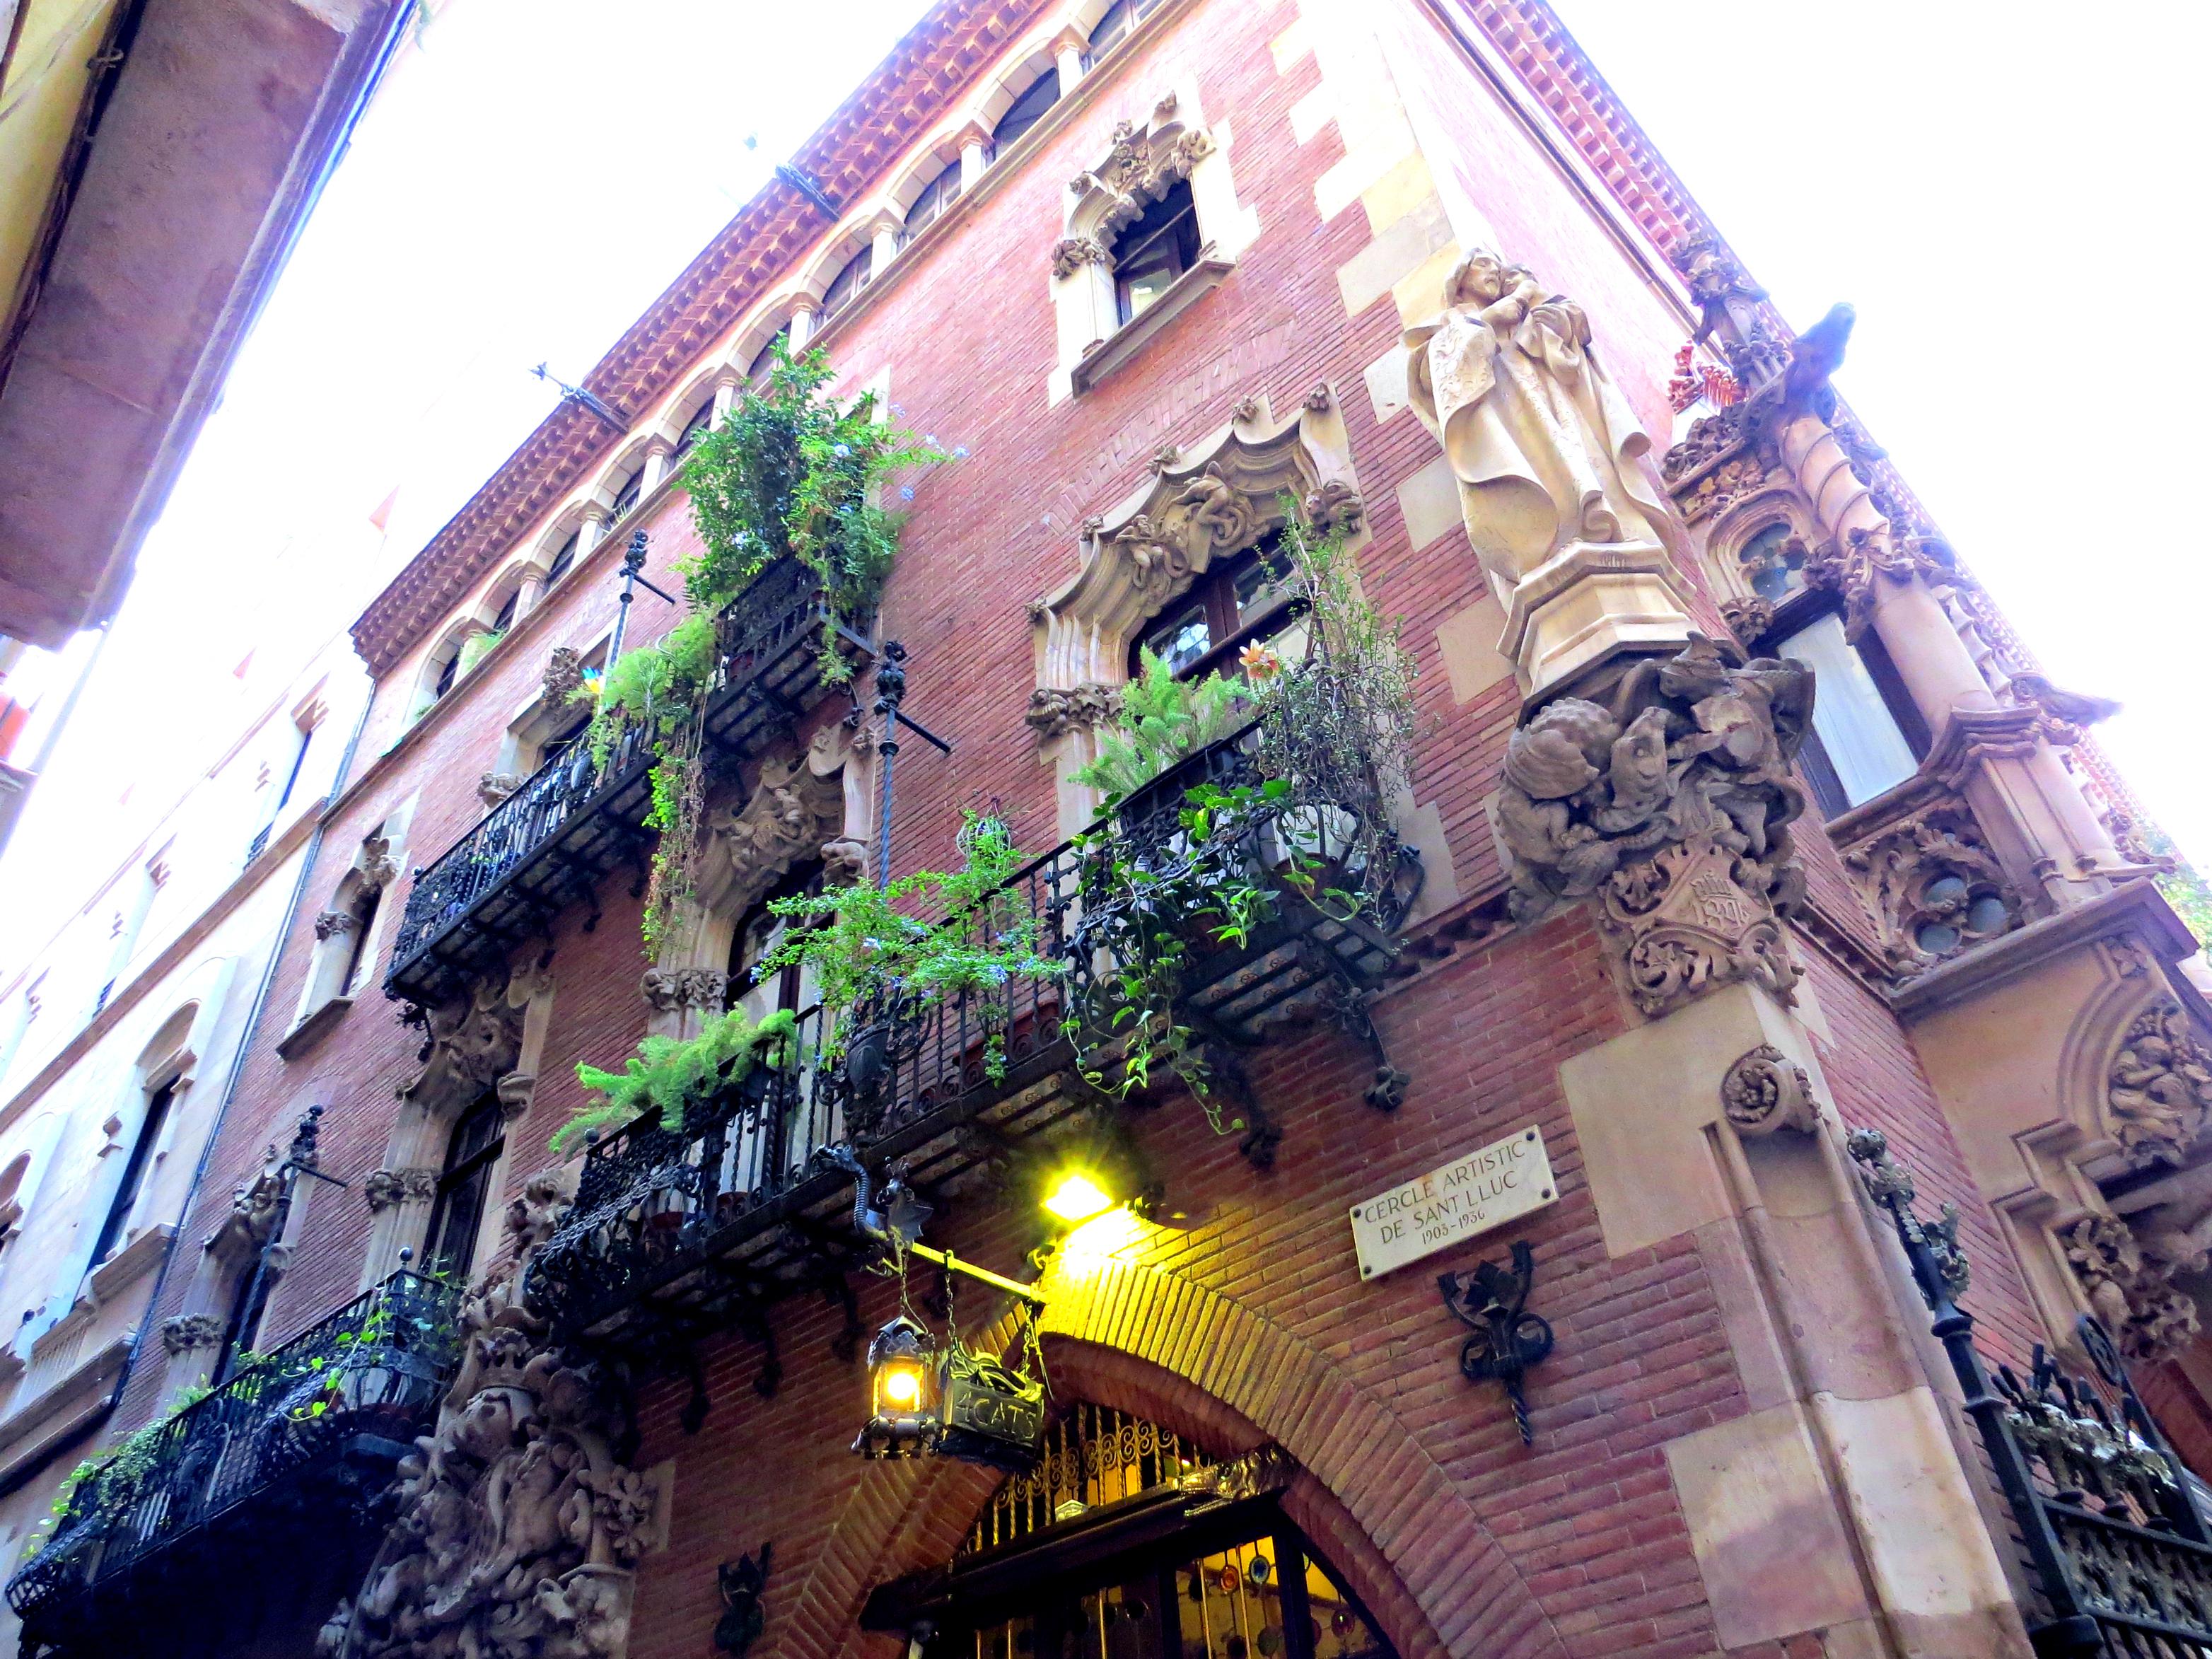 Barcelona Gothic Quarter 4